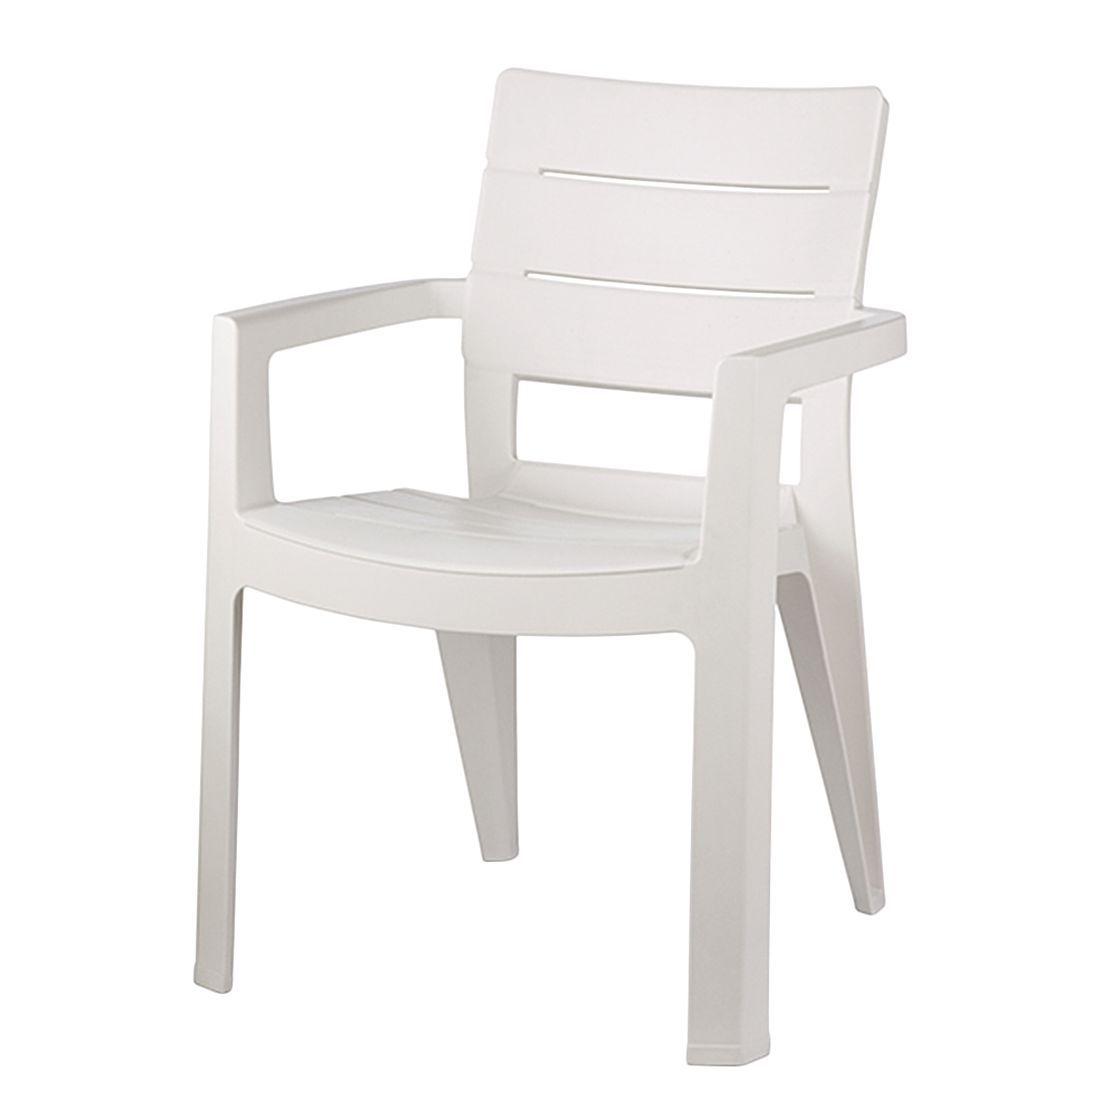 Stapelstuhl Miramar - Kunststoff Weiß, Jardin Jetzt bestellen unter ...